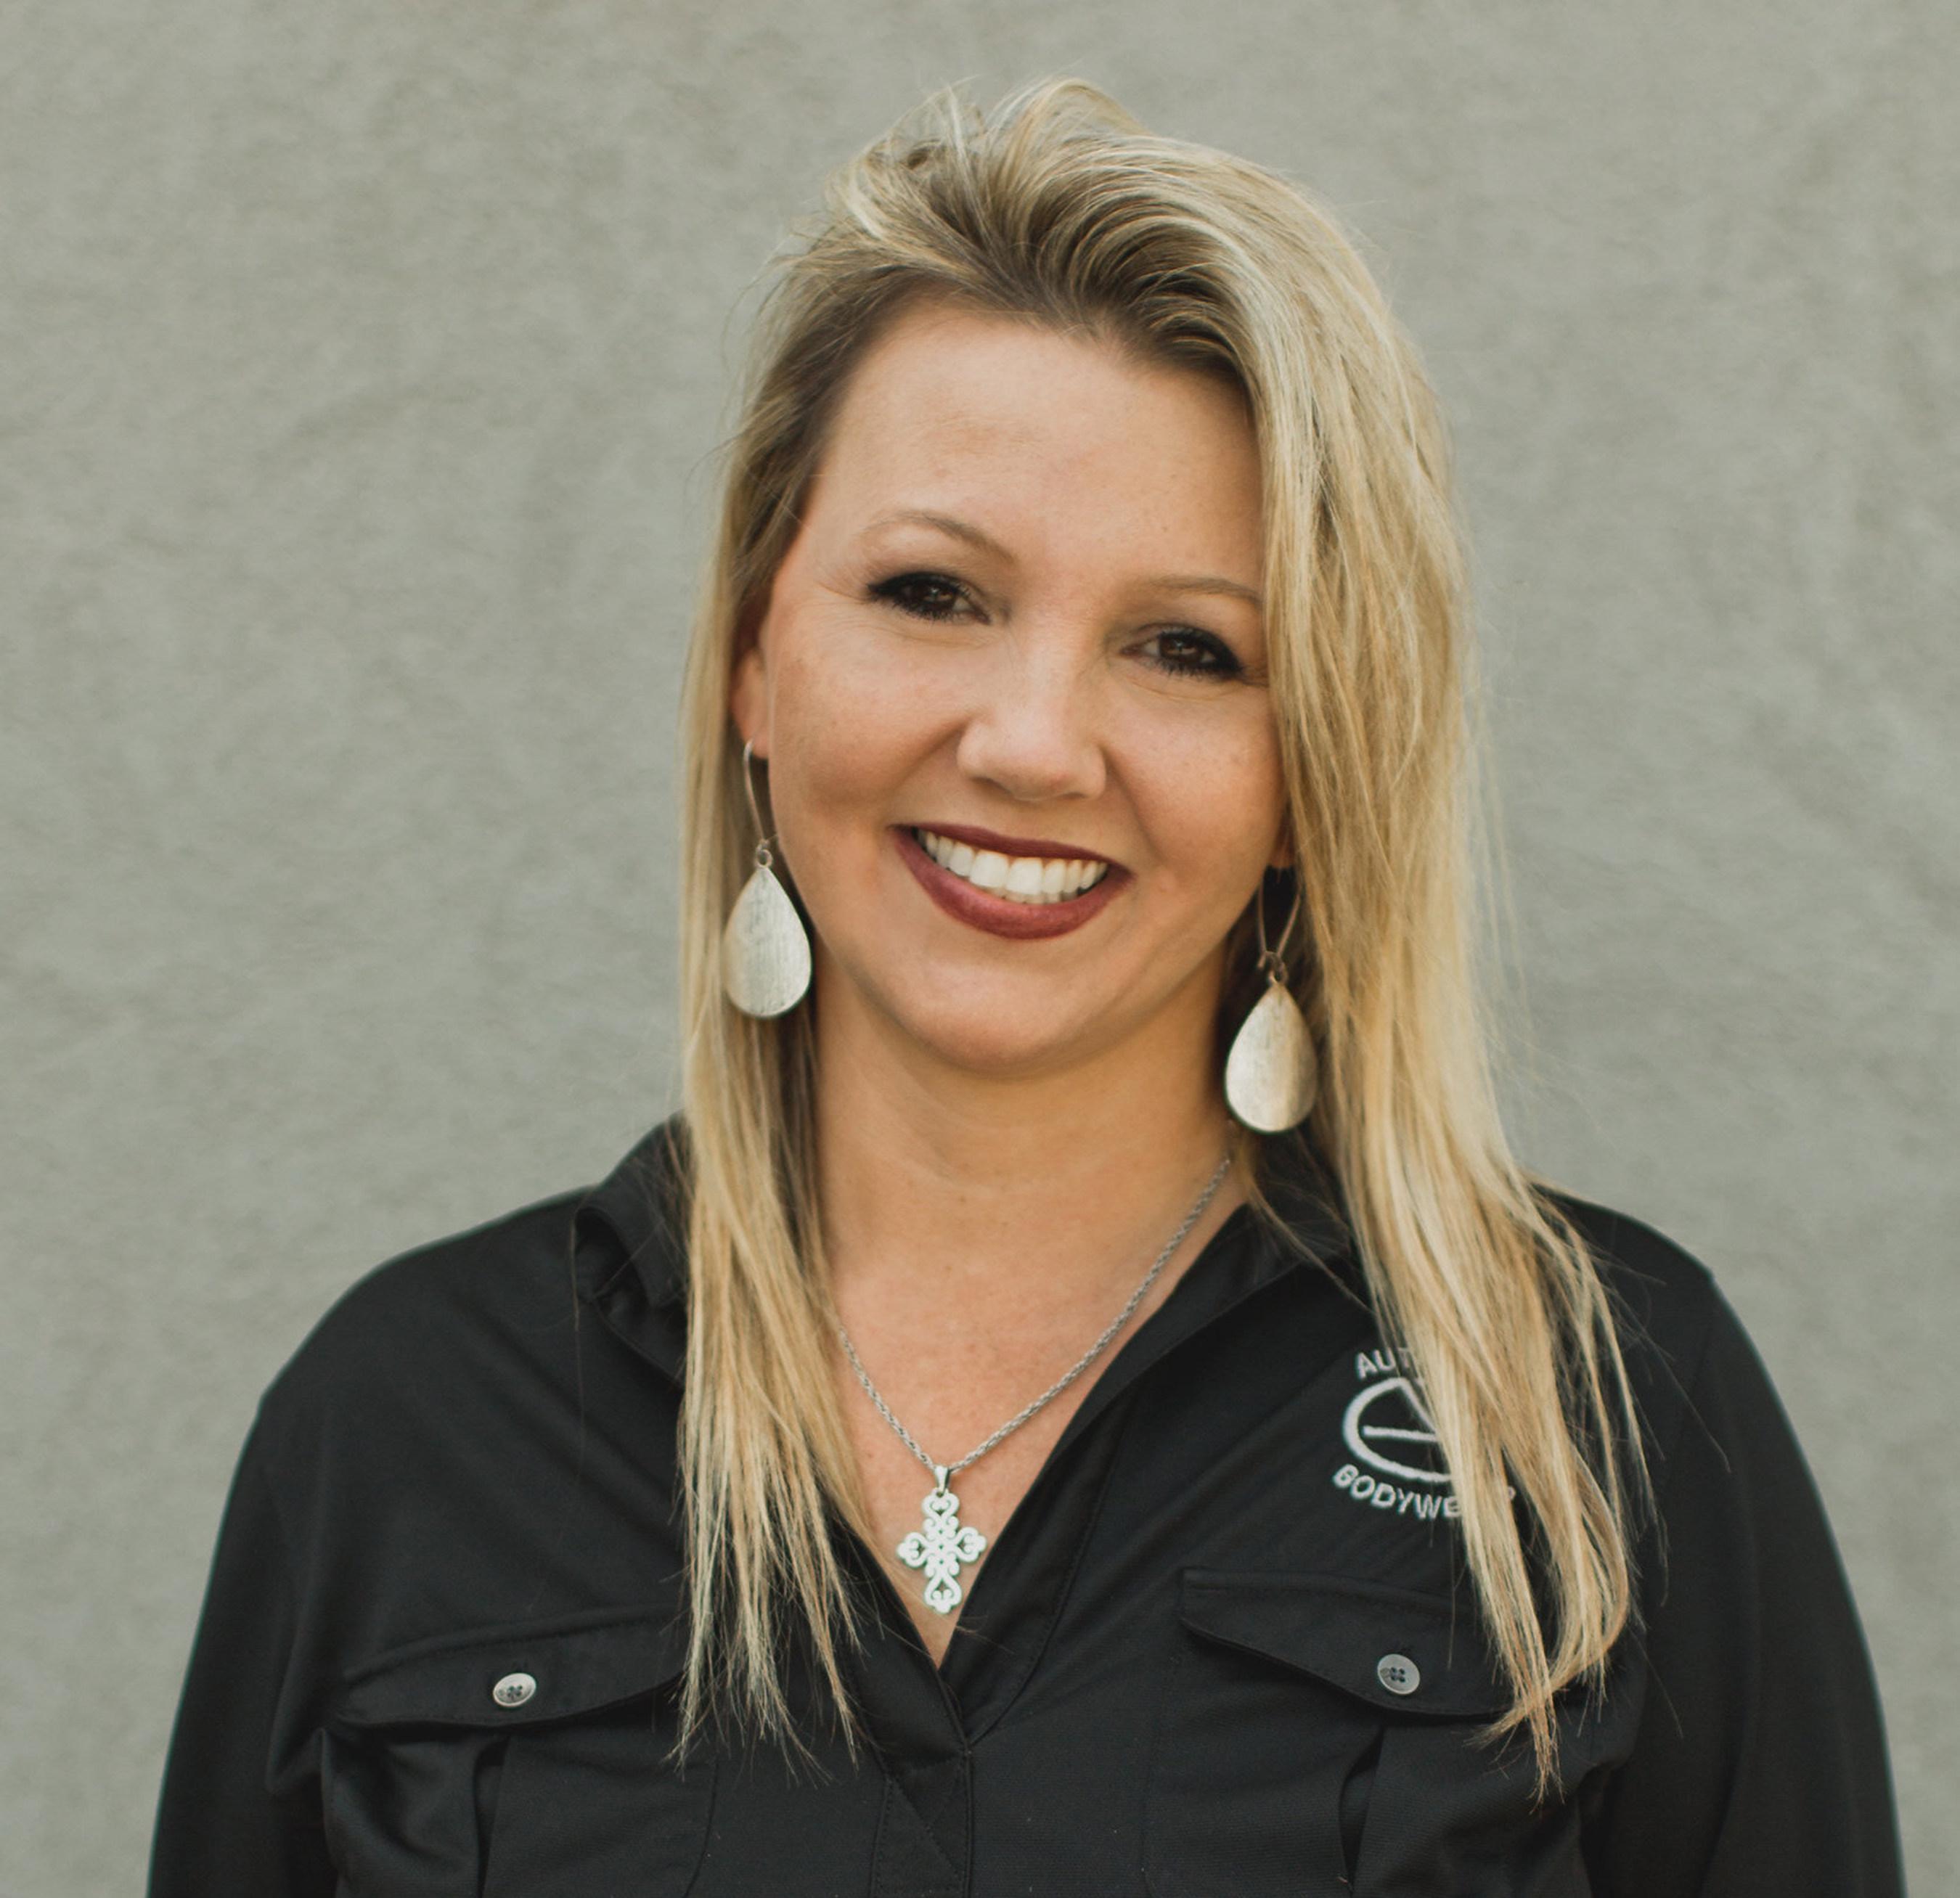 Autocraft Bodywerks General Manager Tammie Harper.